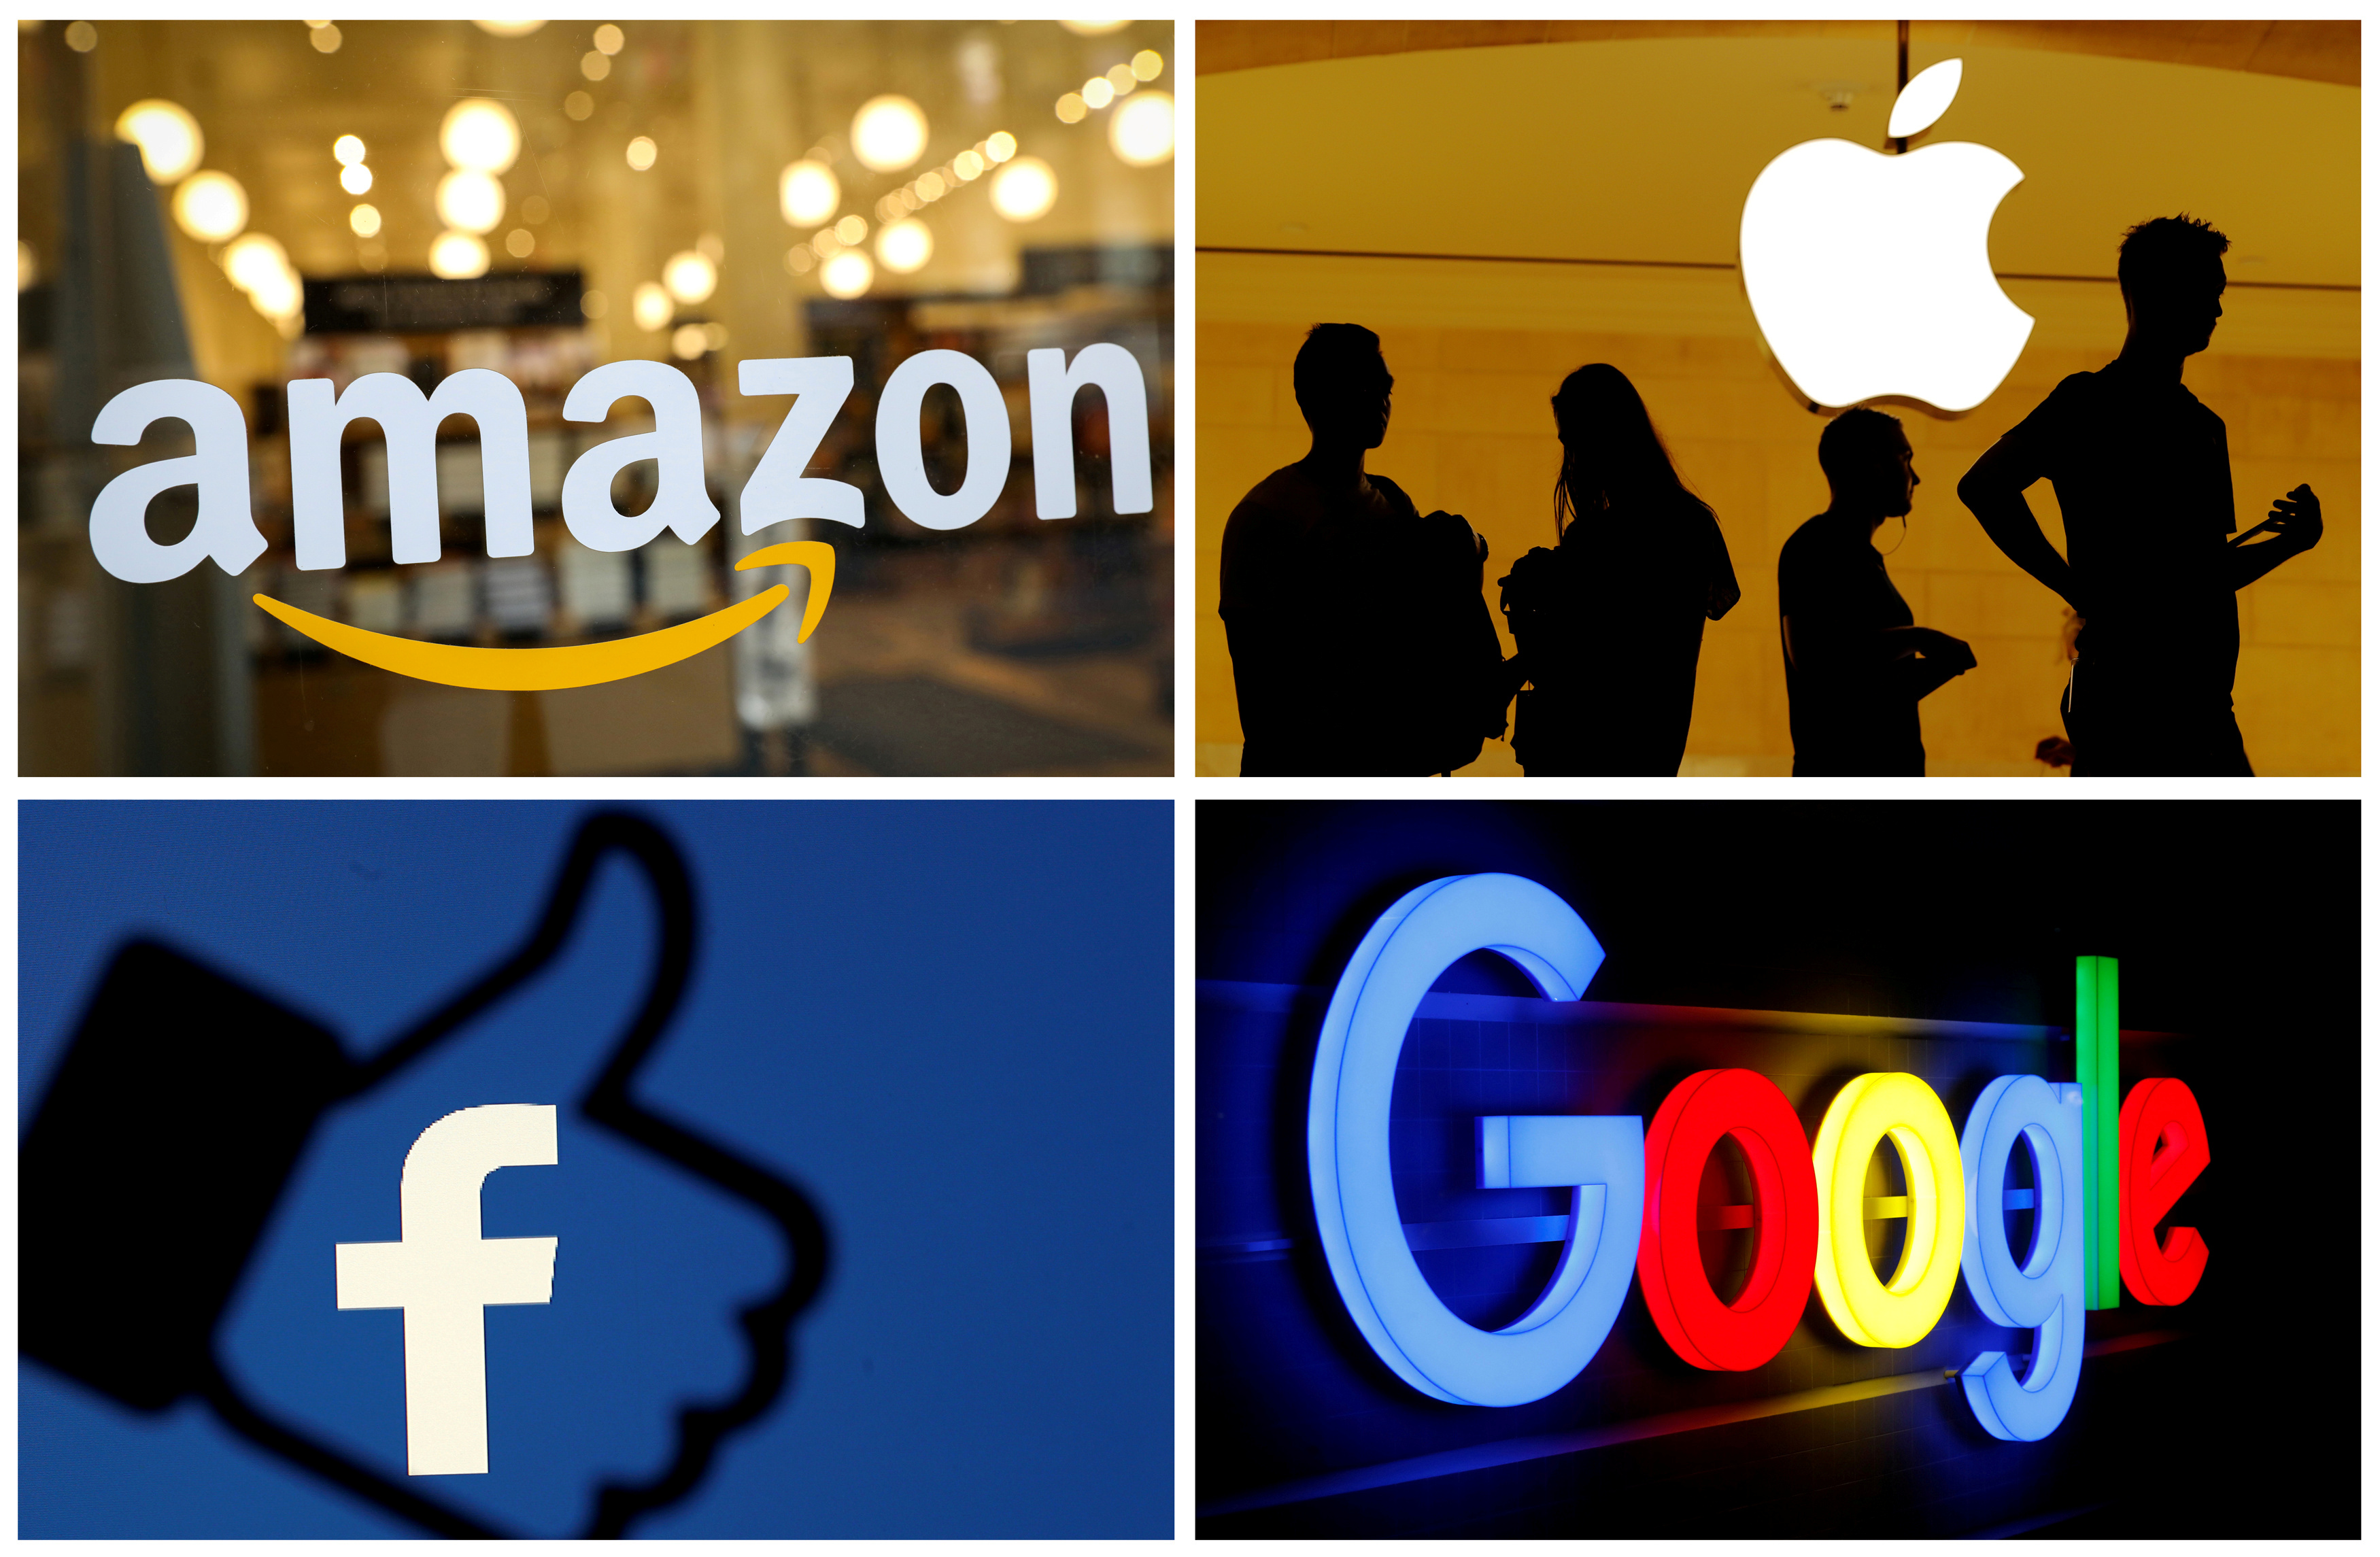 Big tech starts big lobbying